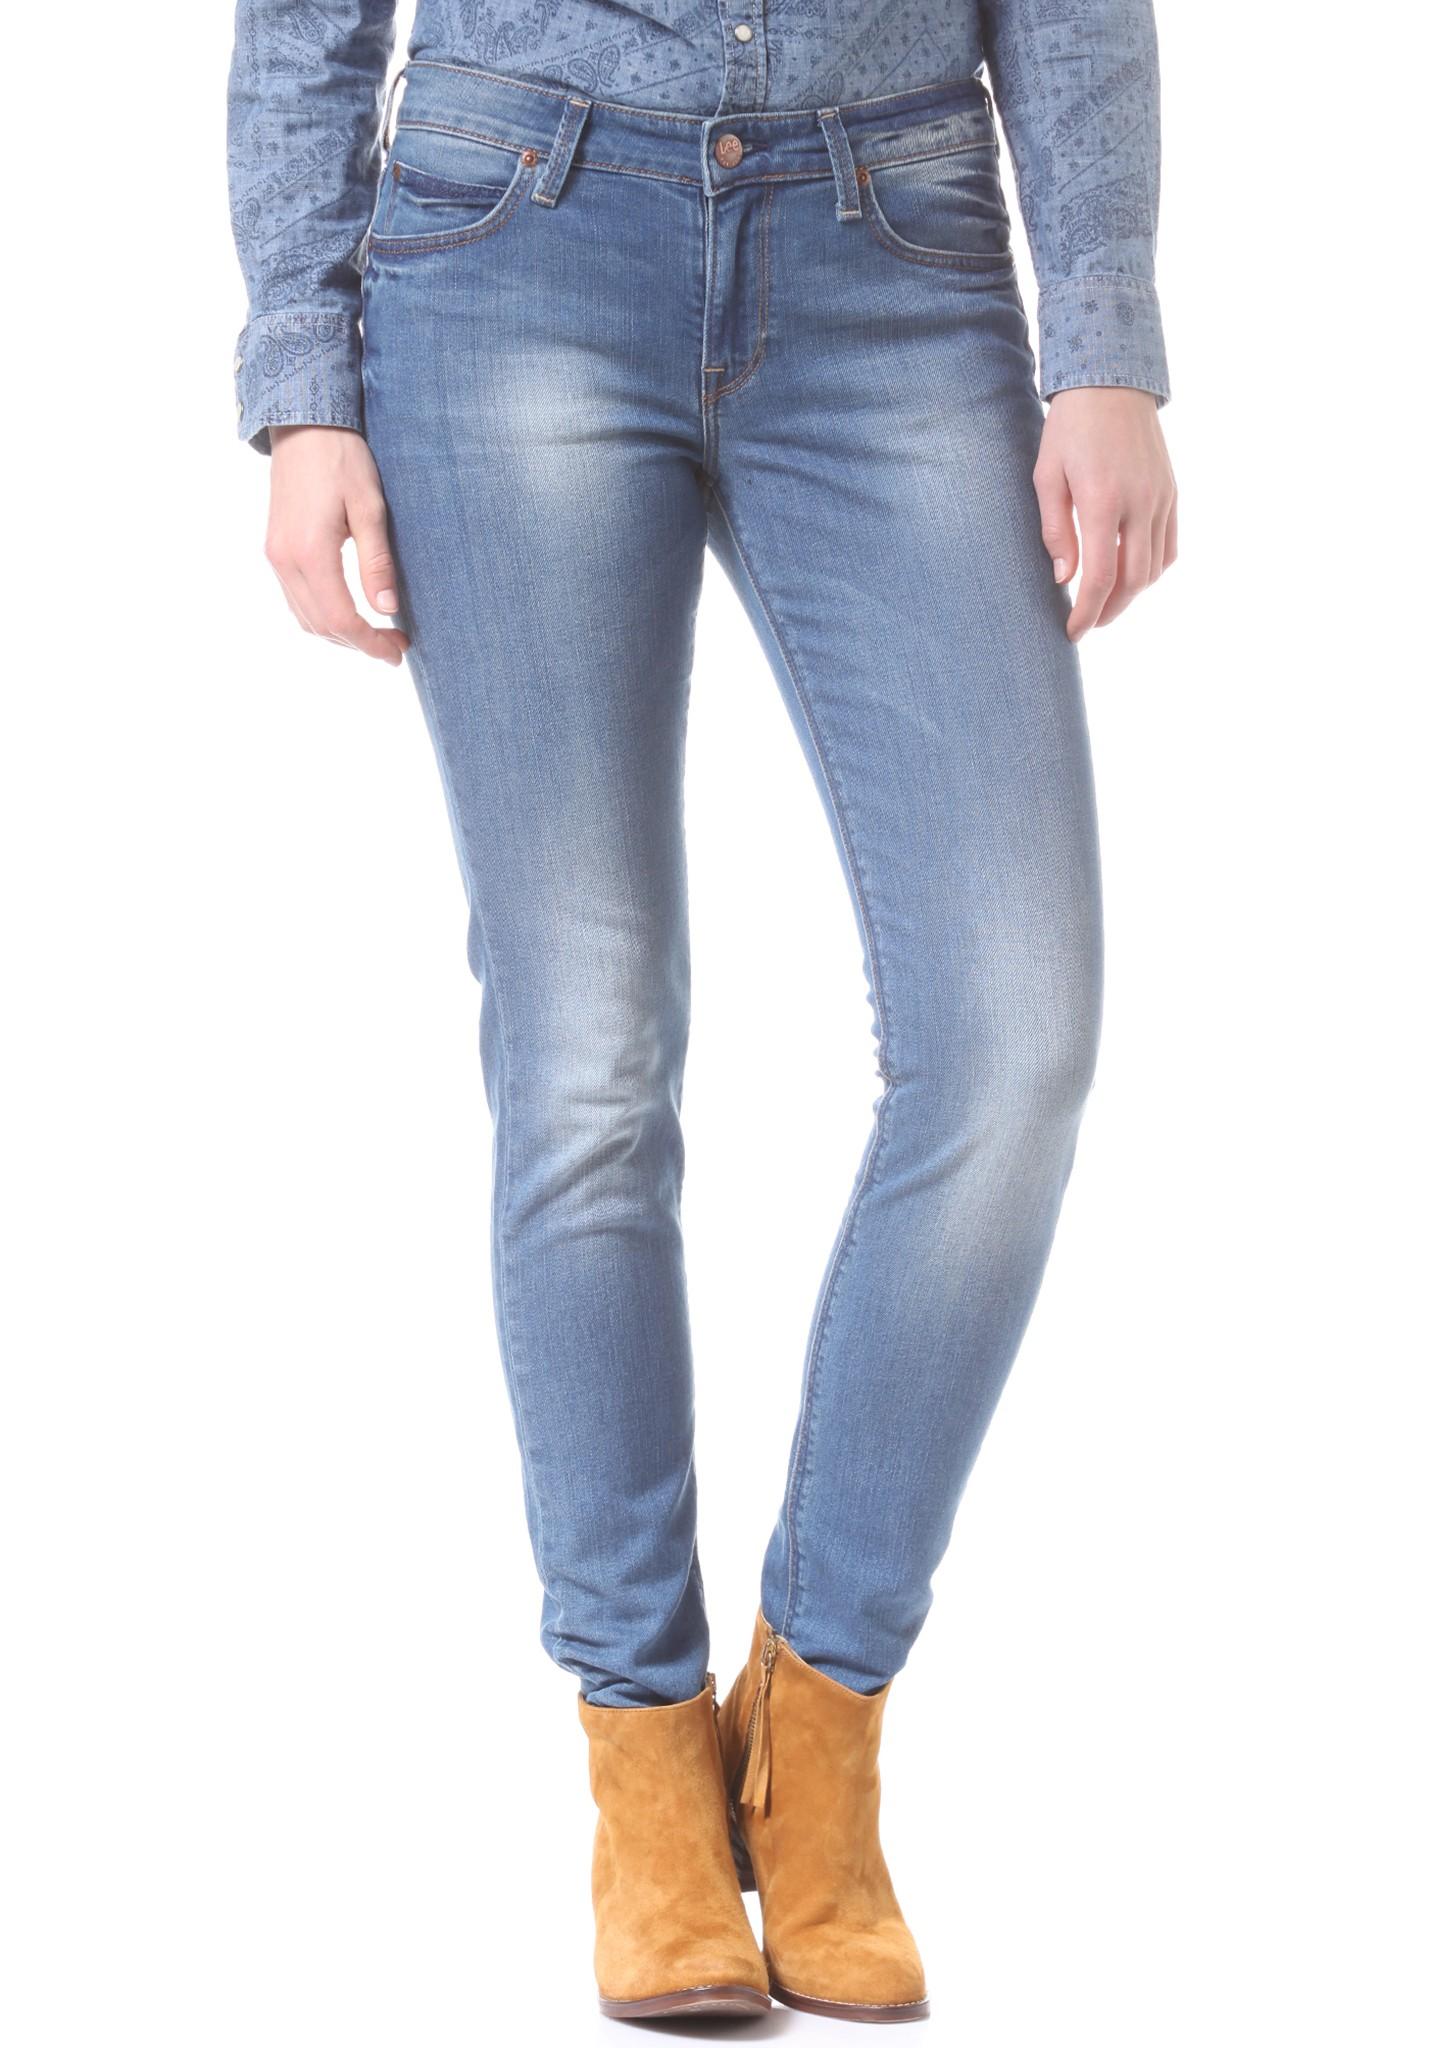 neu lee scarlett damen jeans hose ebay. Black Bedroom Furniture Sets. Home Design Ideas